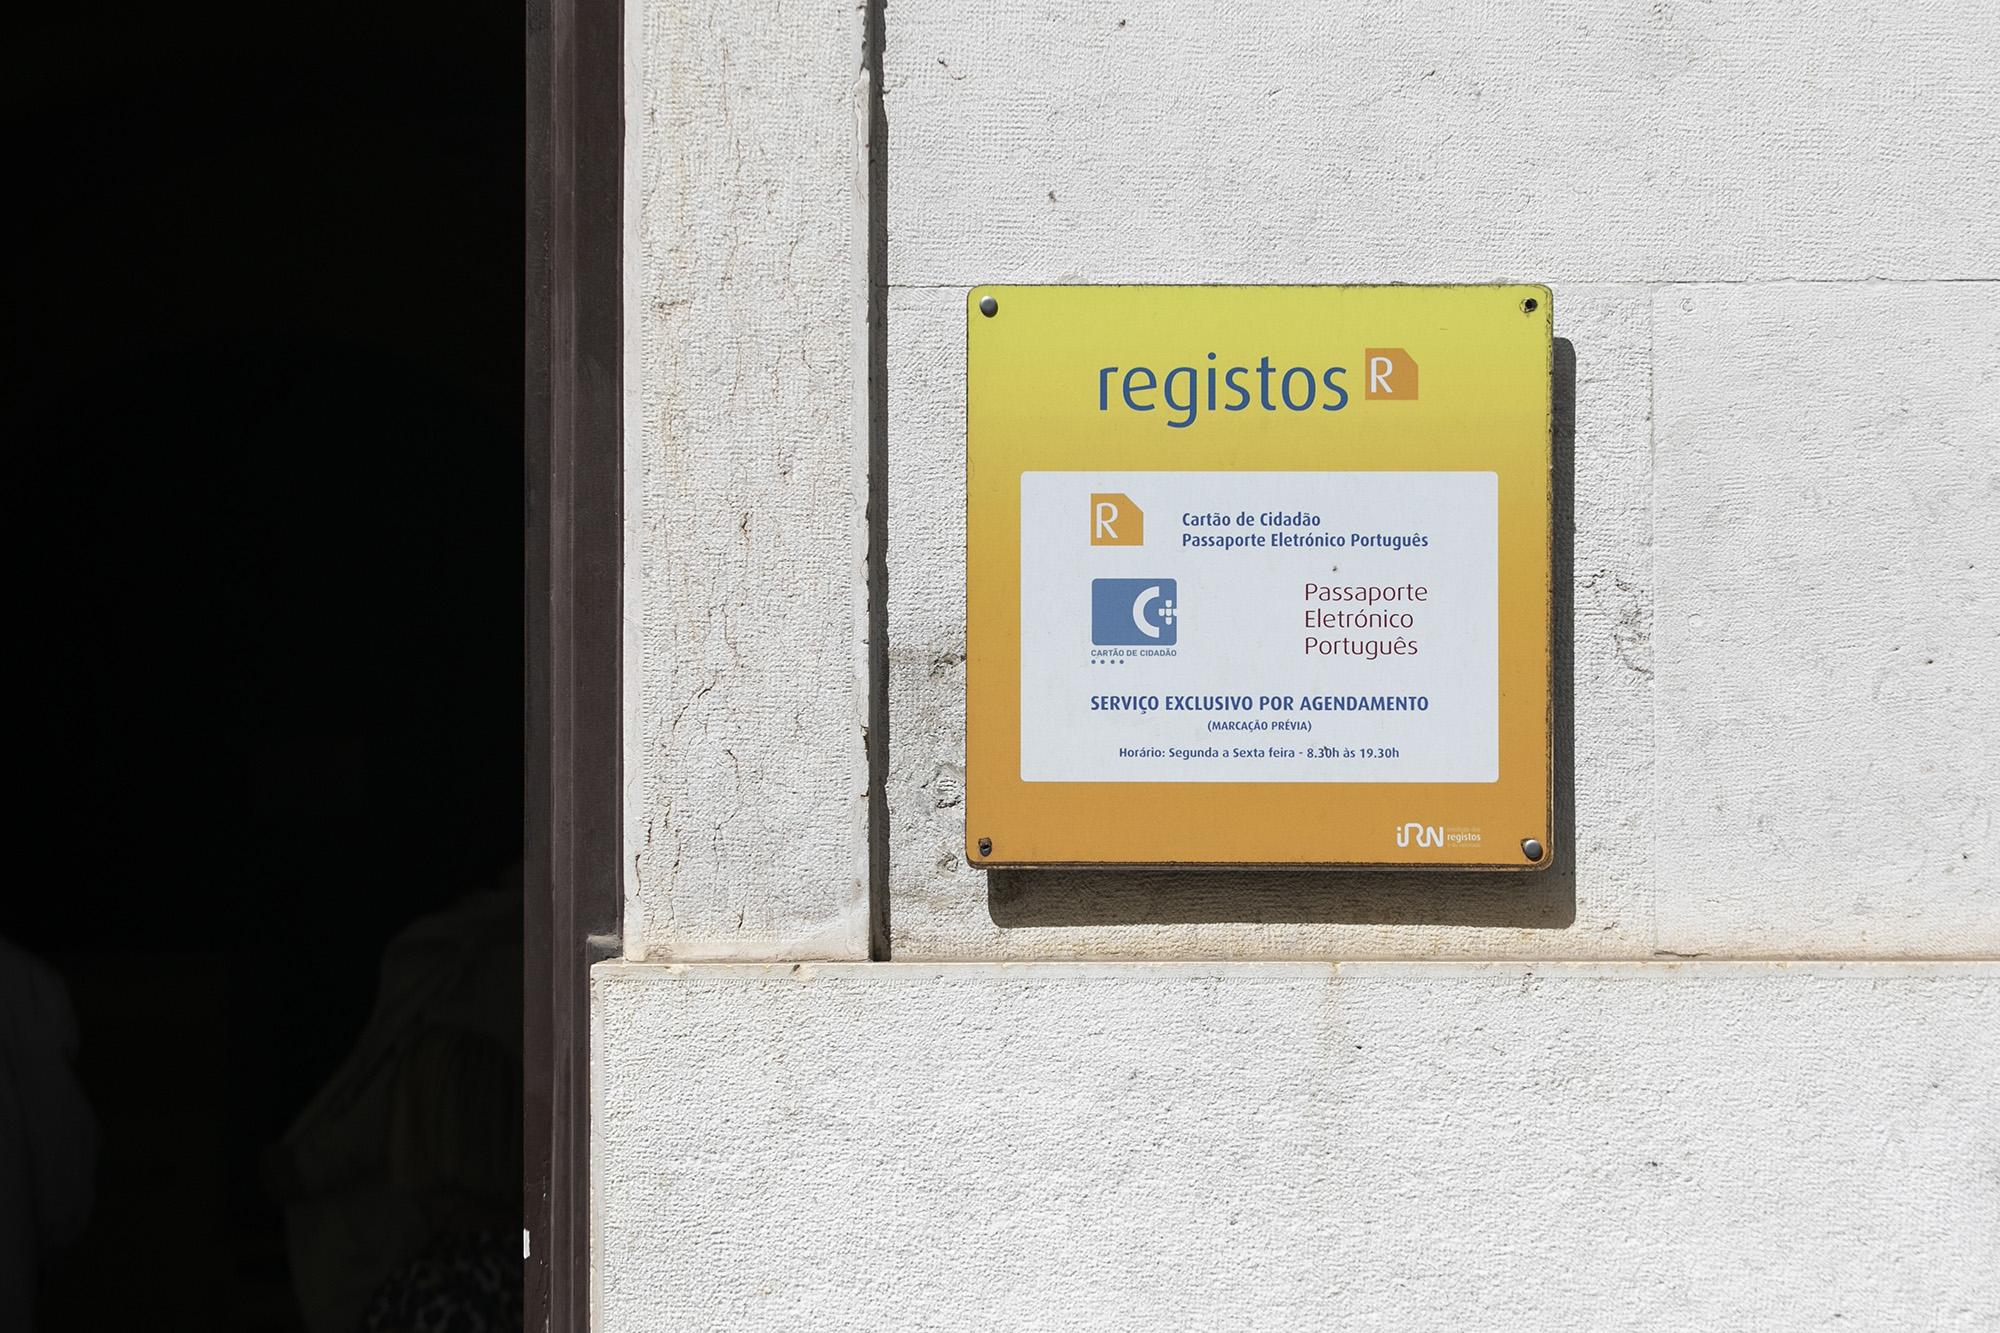 Instituto dos Registos e Notariado - balcão Lisboa-Boa Hora - 08JUL19